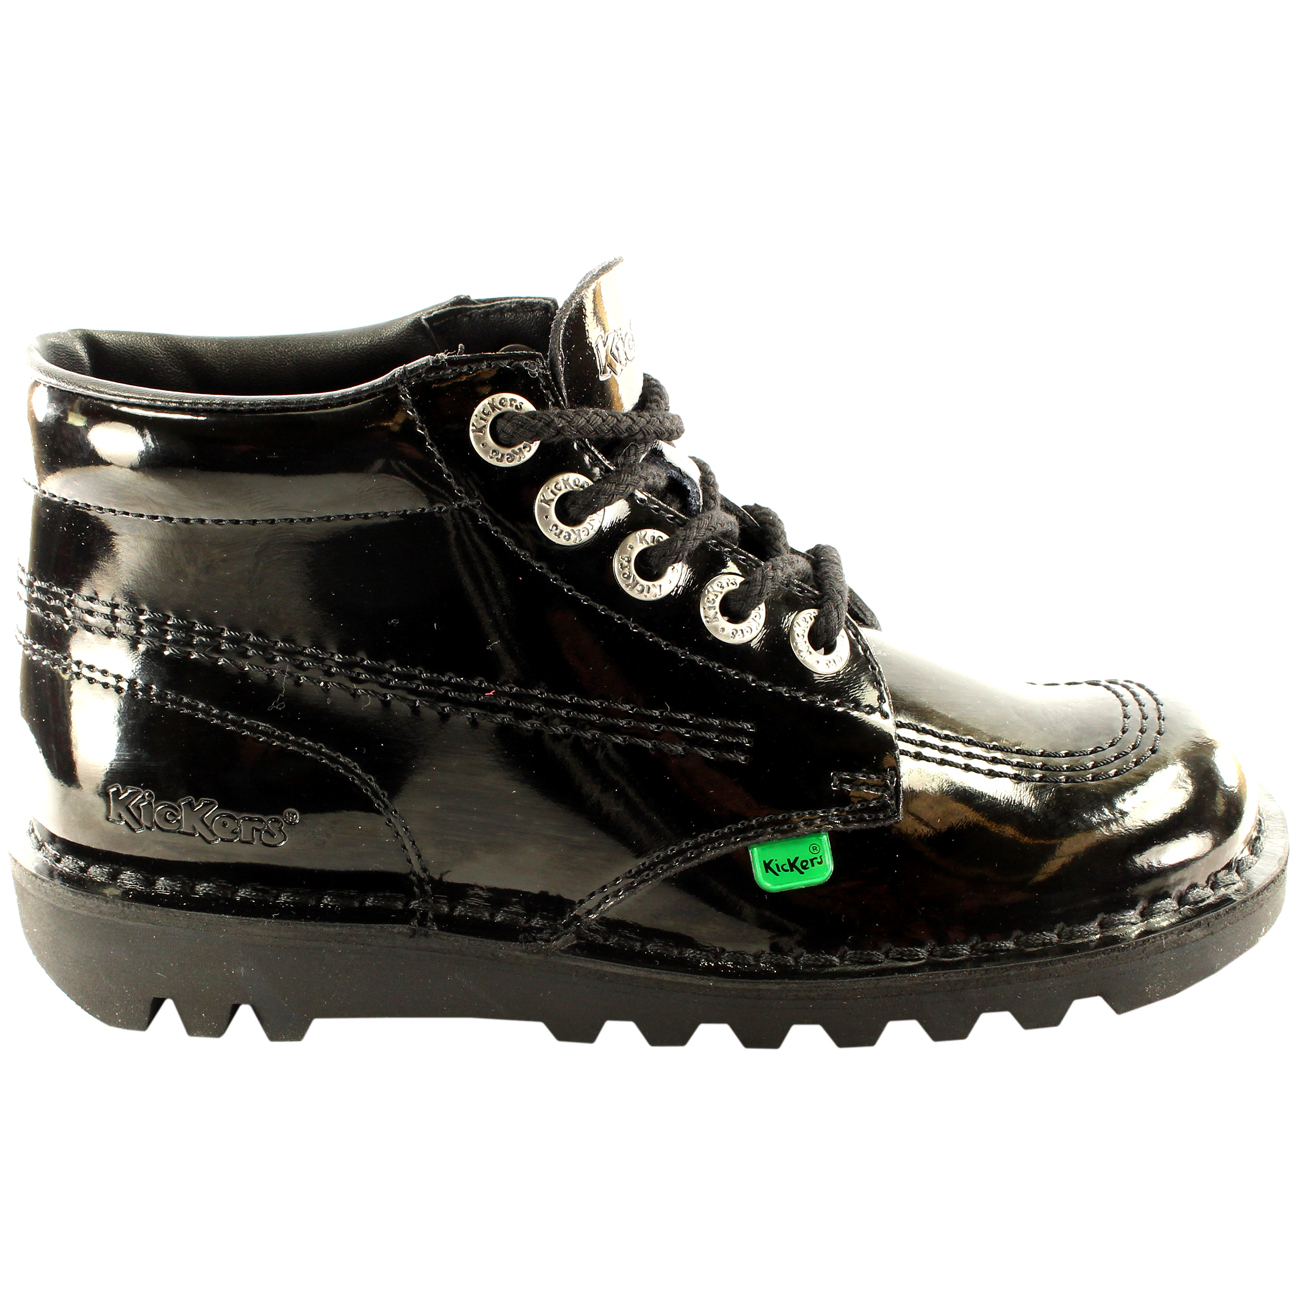 36 Classique Travail Détails Brevet Chaussure Eu Bottes Kickers Hi 42 Femmes Bureau Sur Kick 7ygfb6